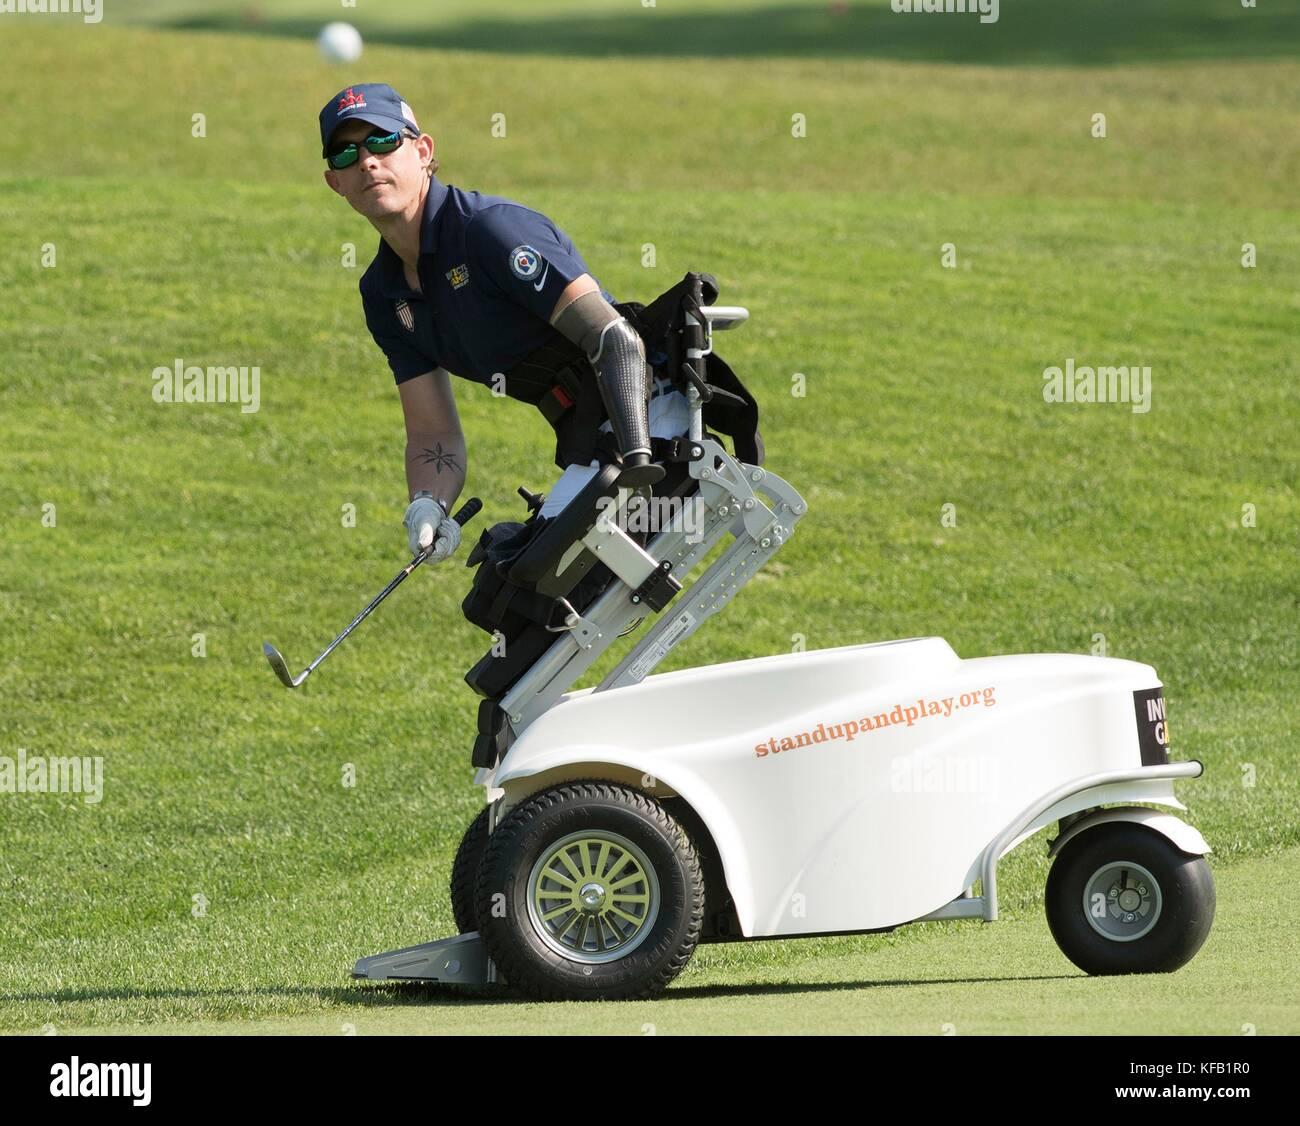 Un veterano del cuerpo de marines de EE.UU. compite en un torneo de golf en el St Georges golf y country club durante Imagen De Stock